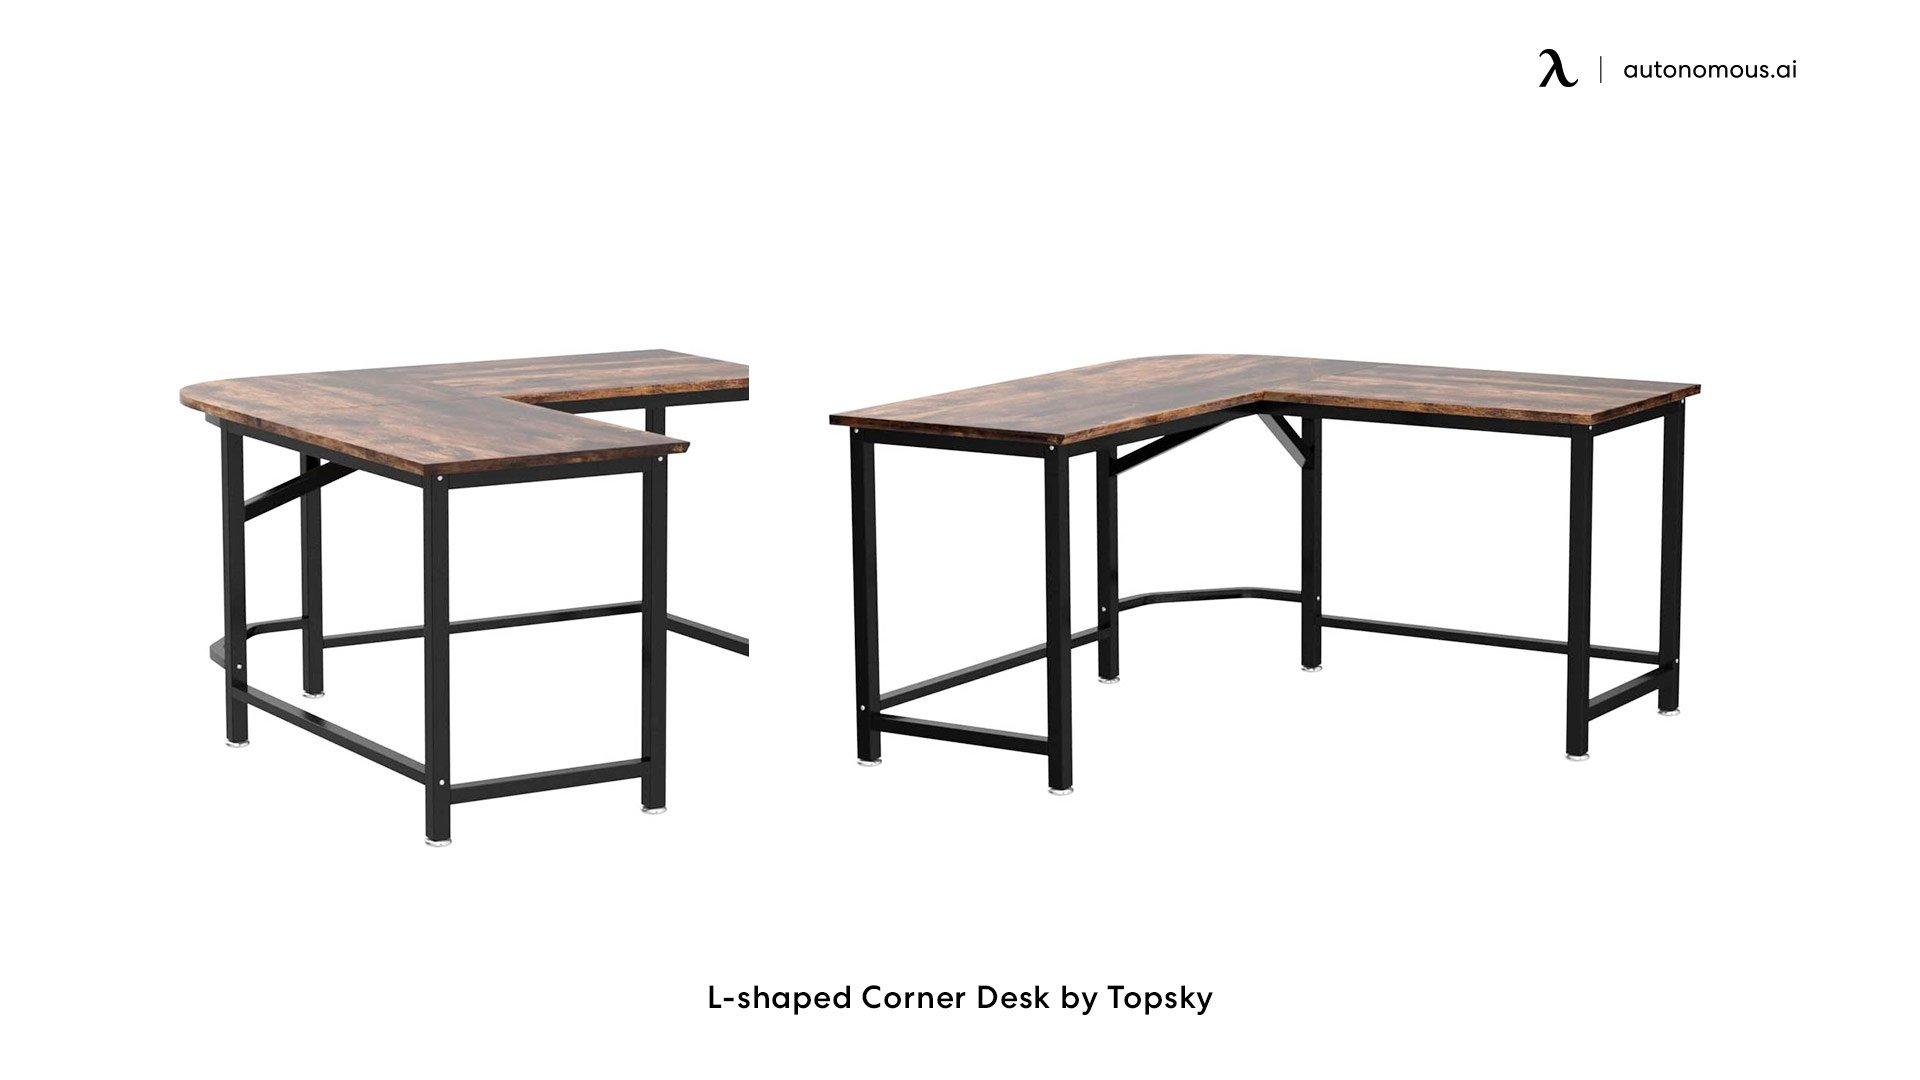 L-shaped Corner Desk by Topsky